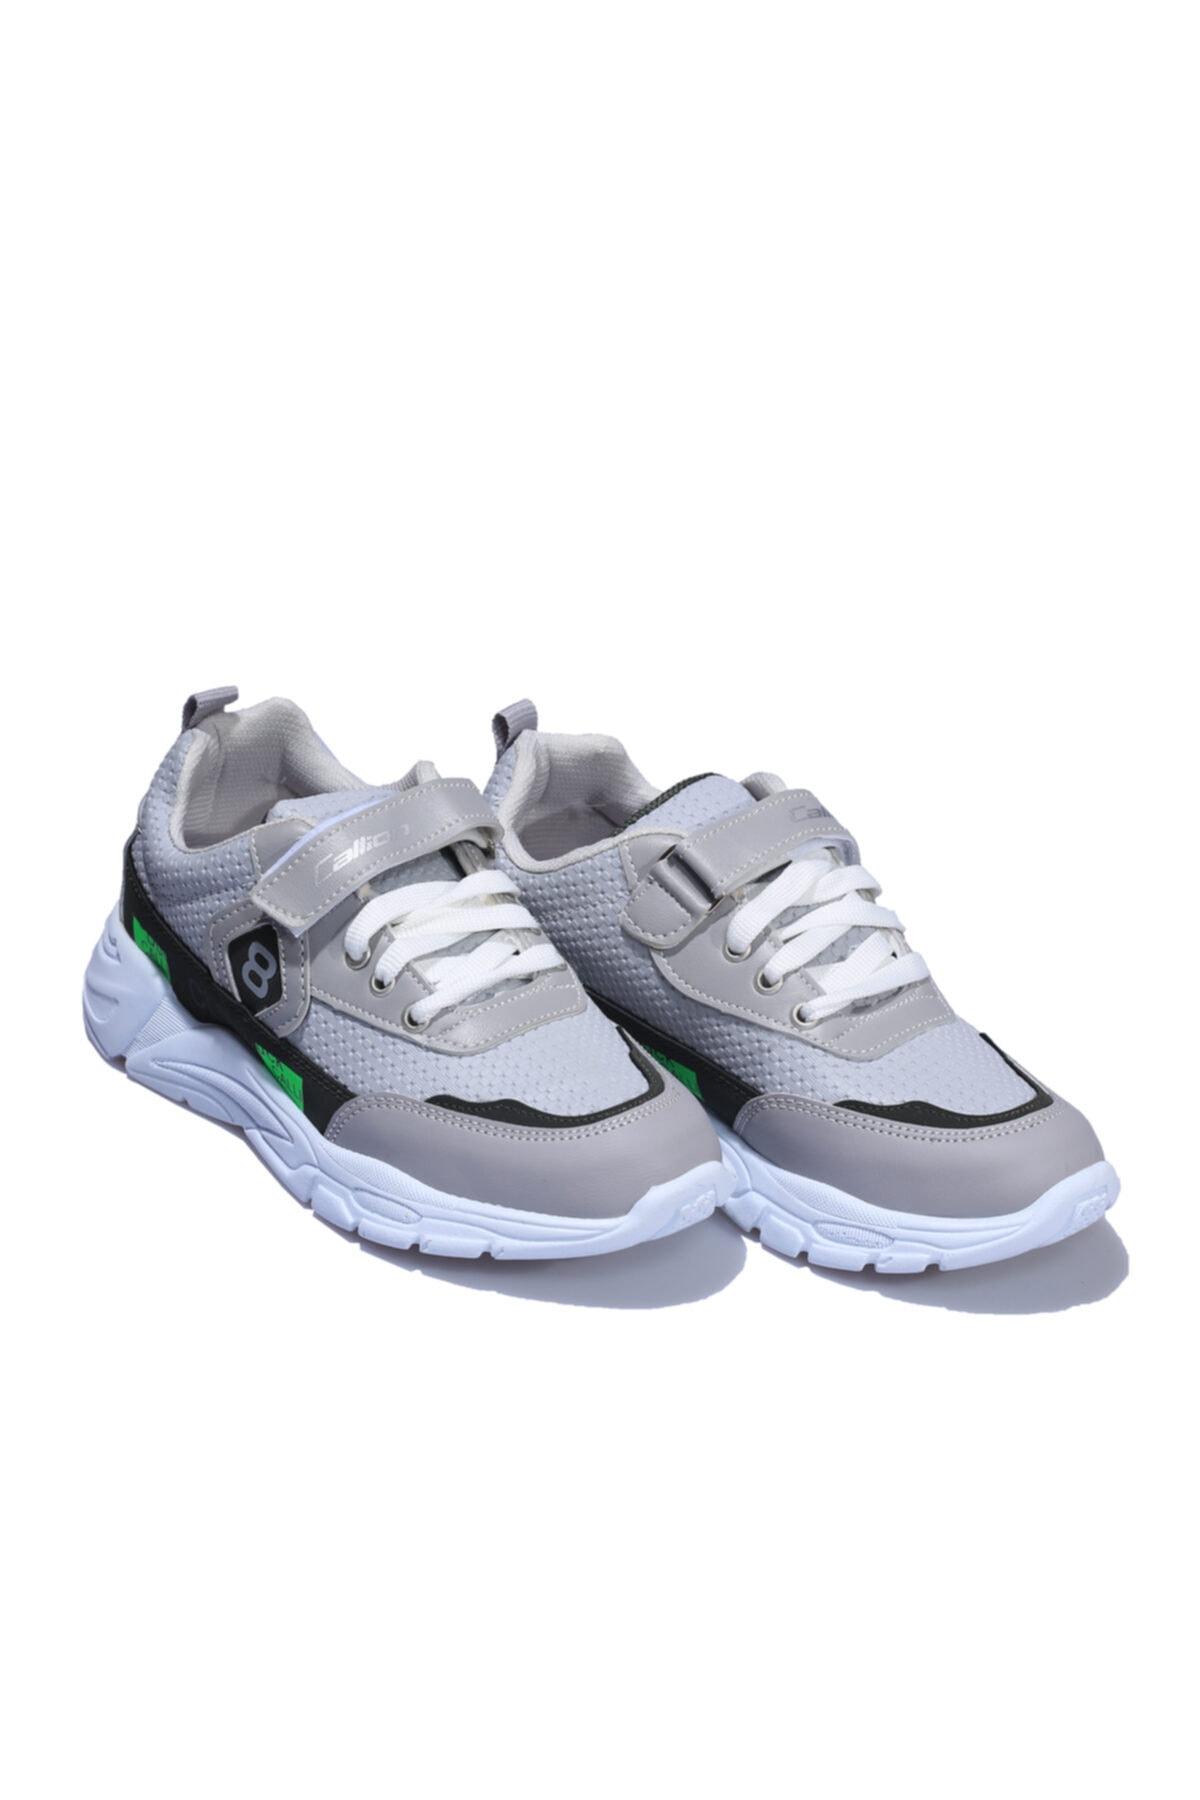 Callion Gri Yeşil Çocuk Spor Ayakkabı 2